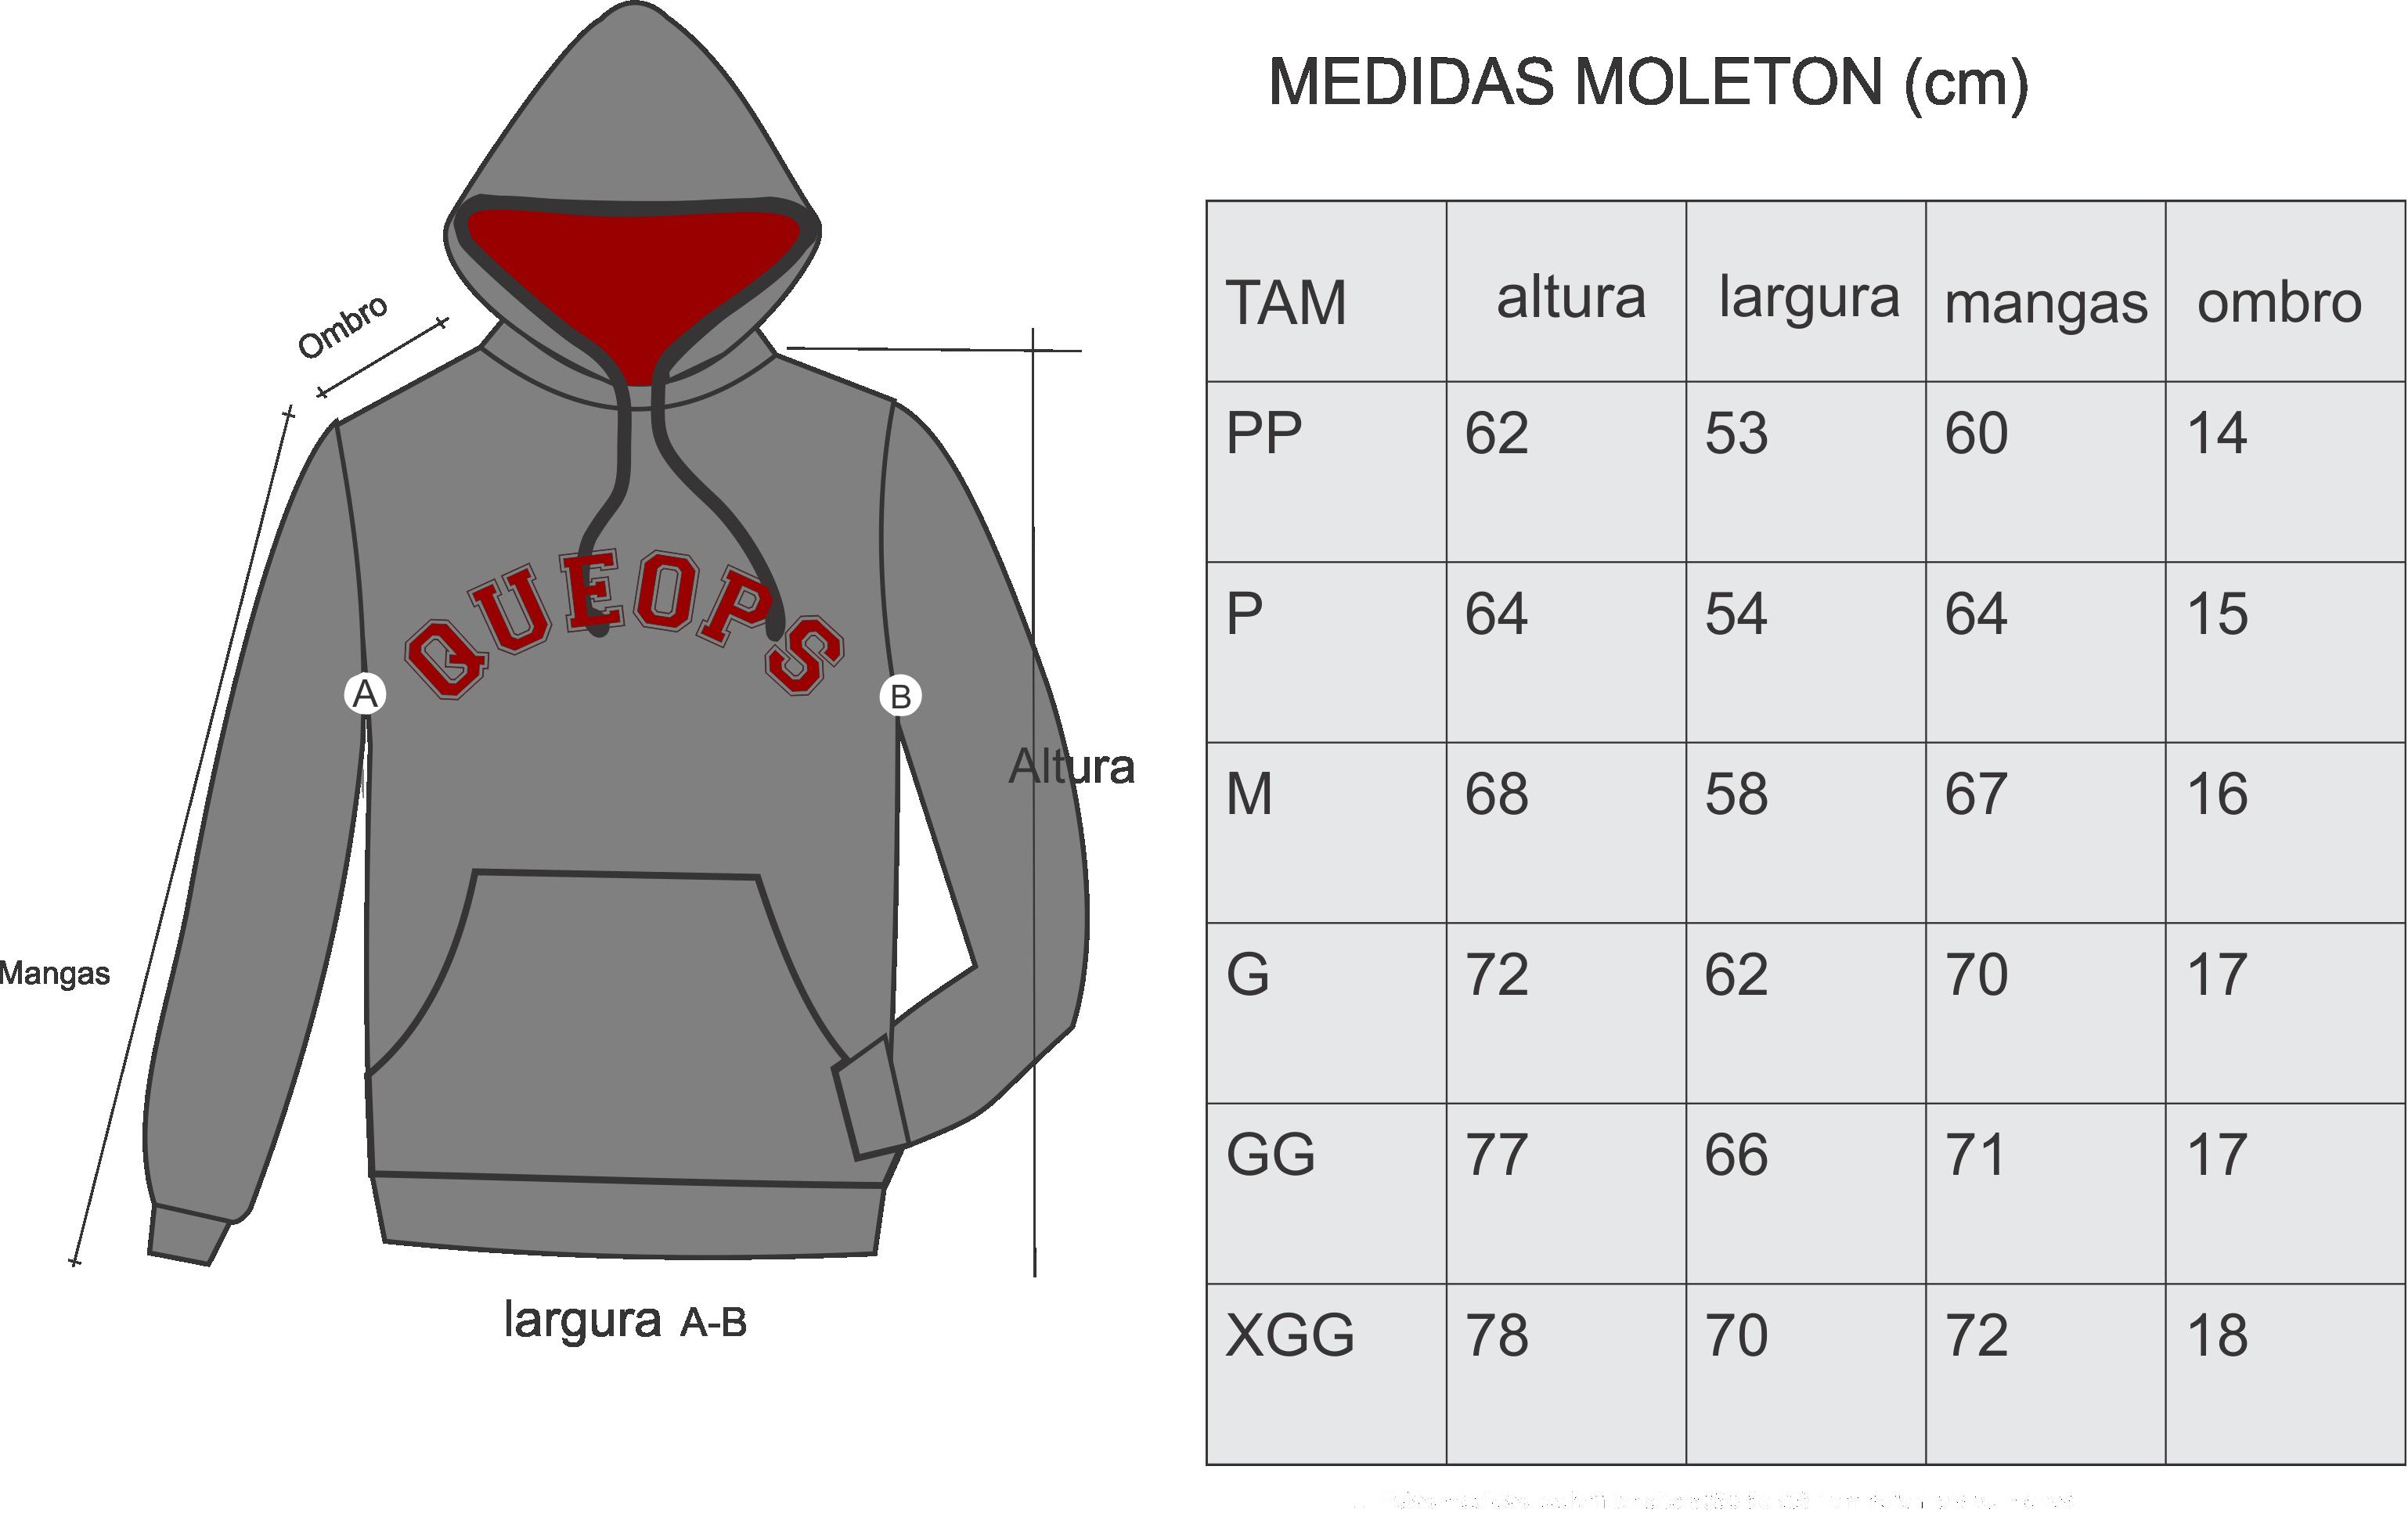 MEDIDAS MOLETOM